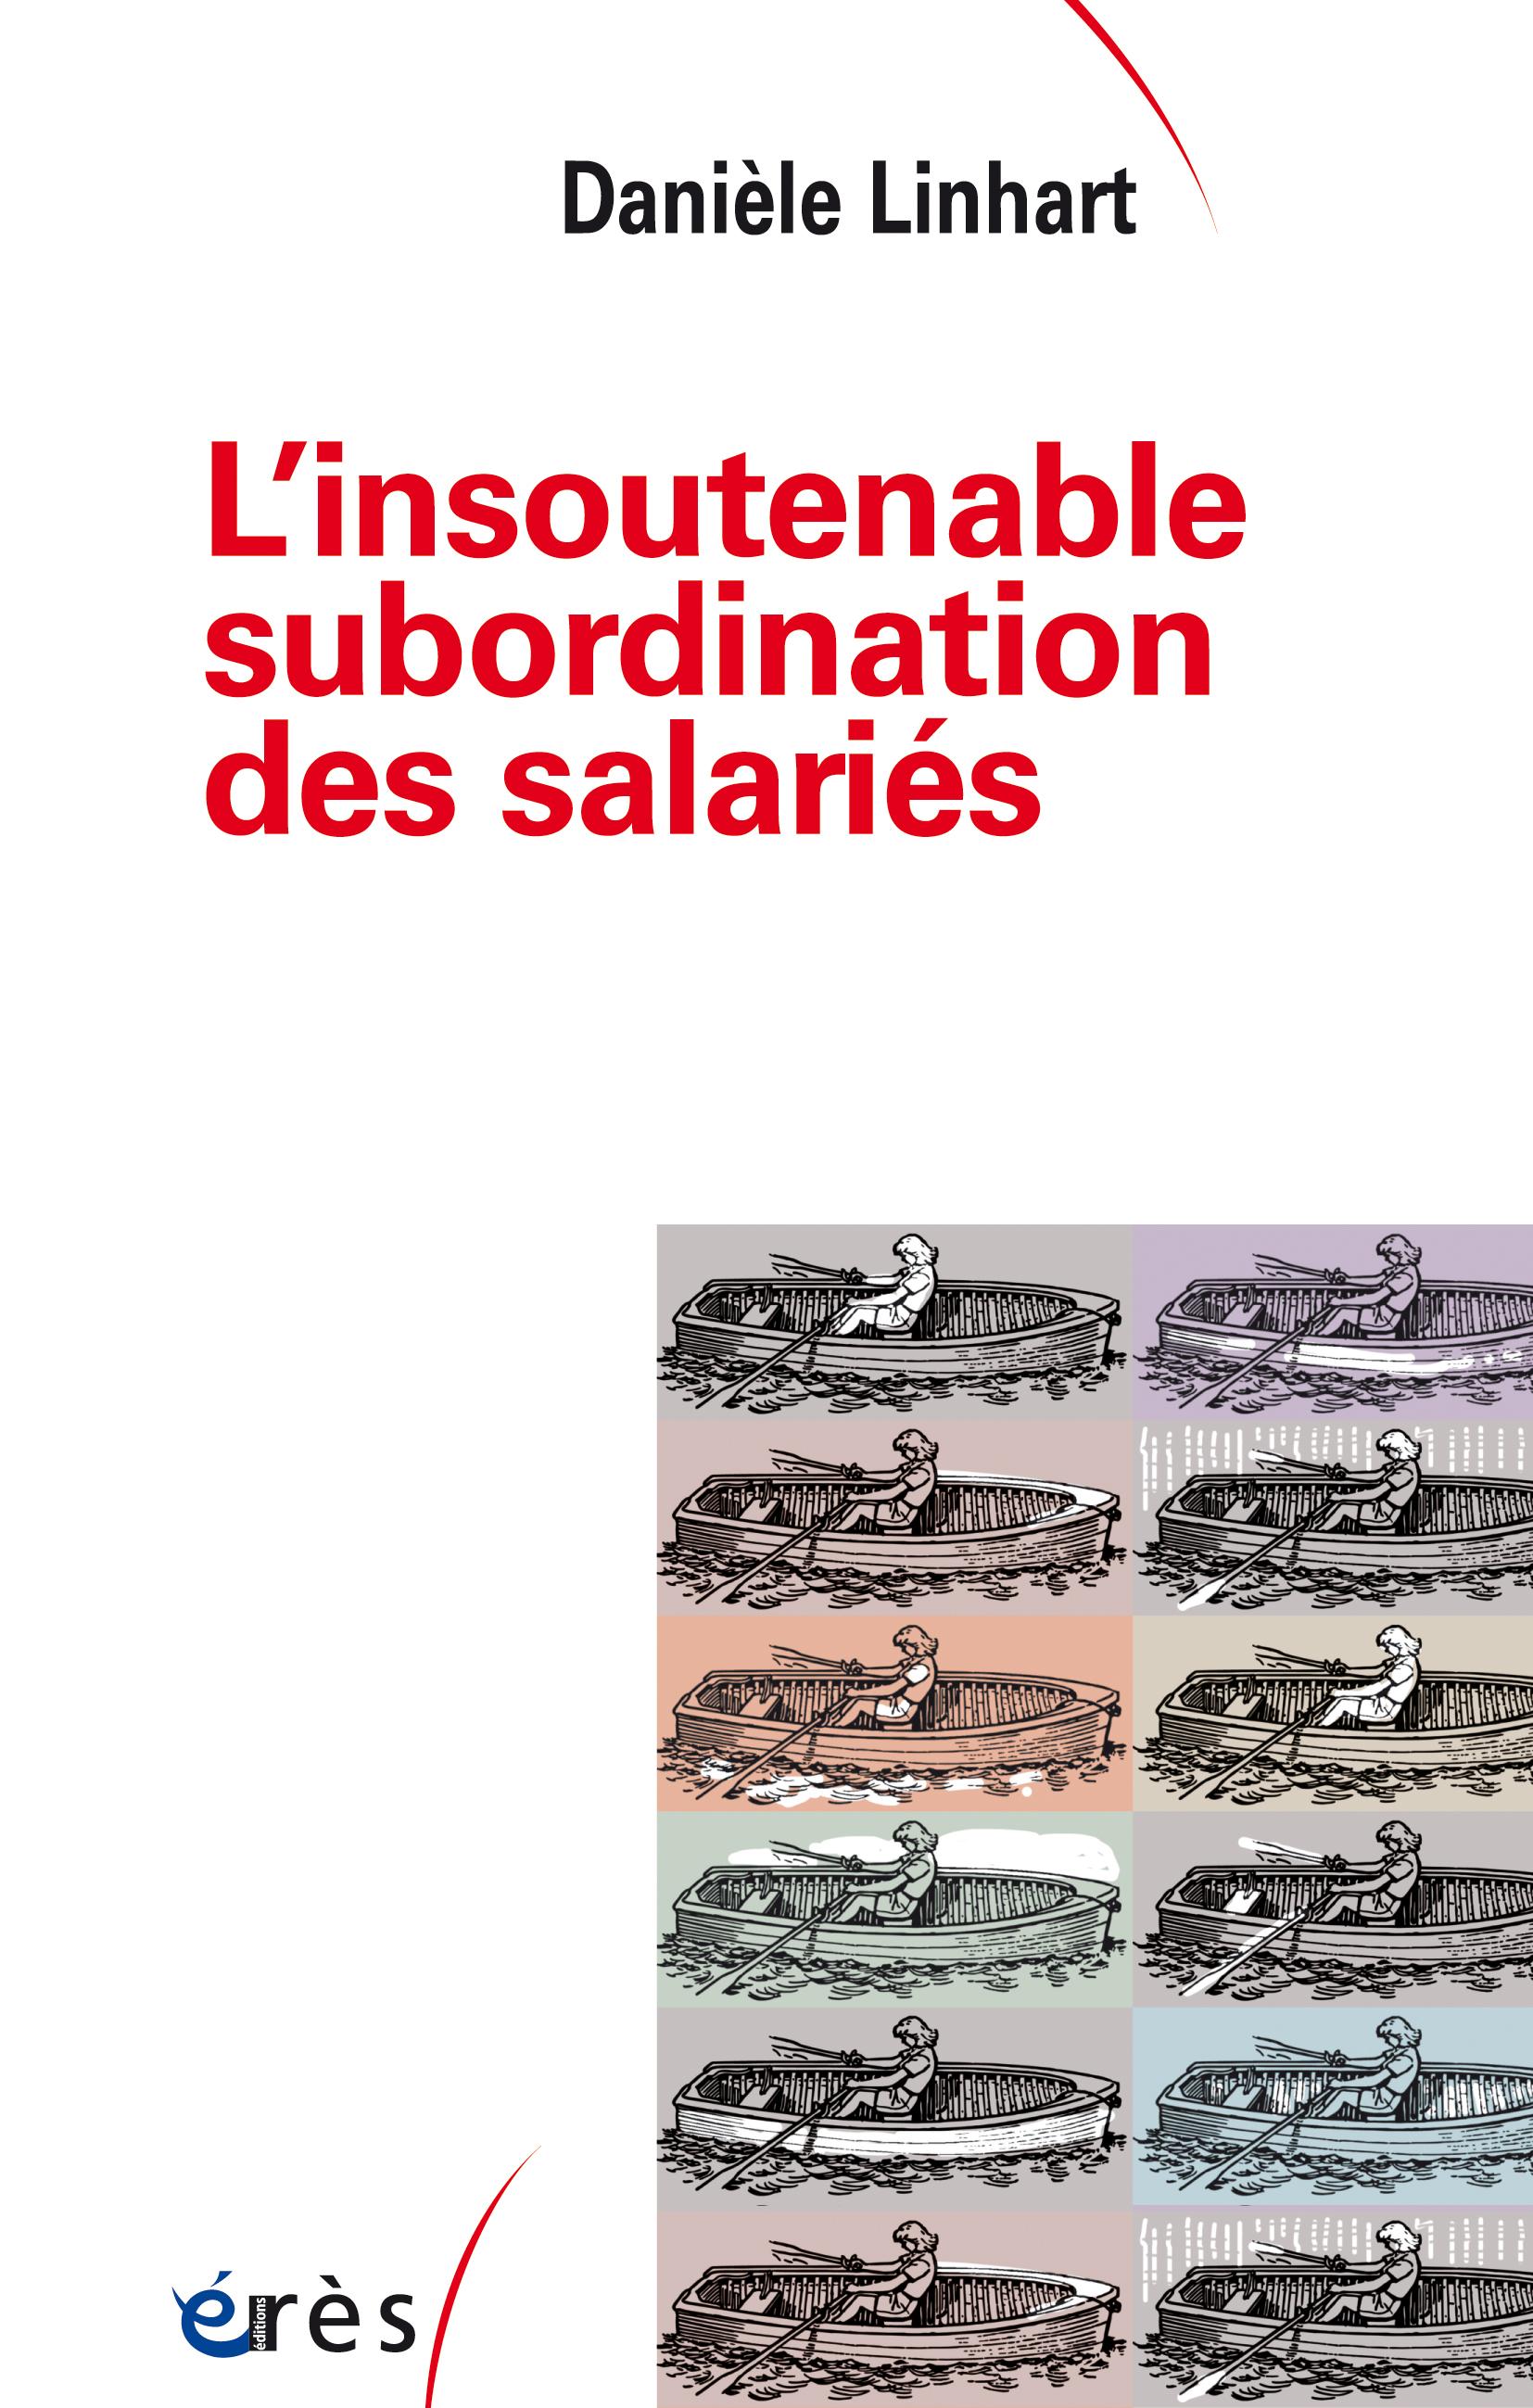 Vignette document L'insoutenable subordination des salariés